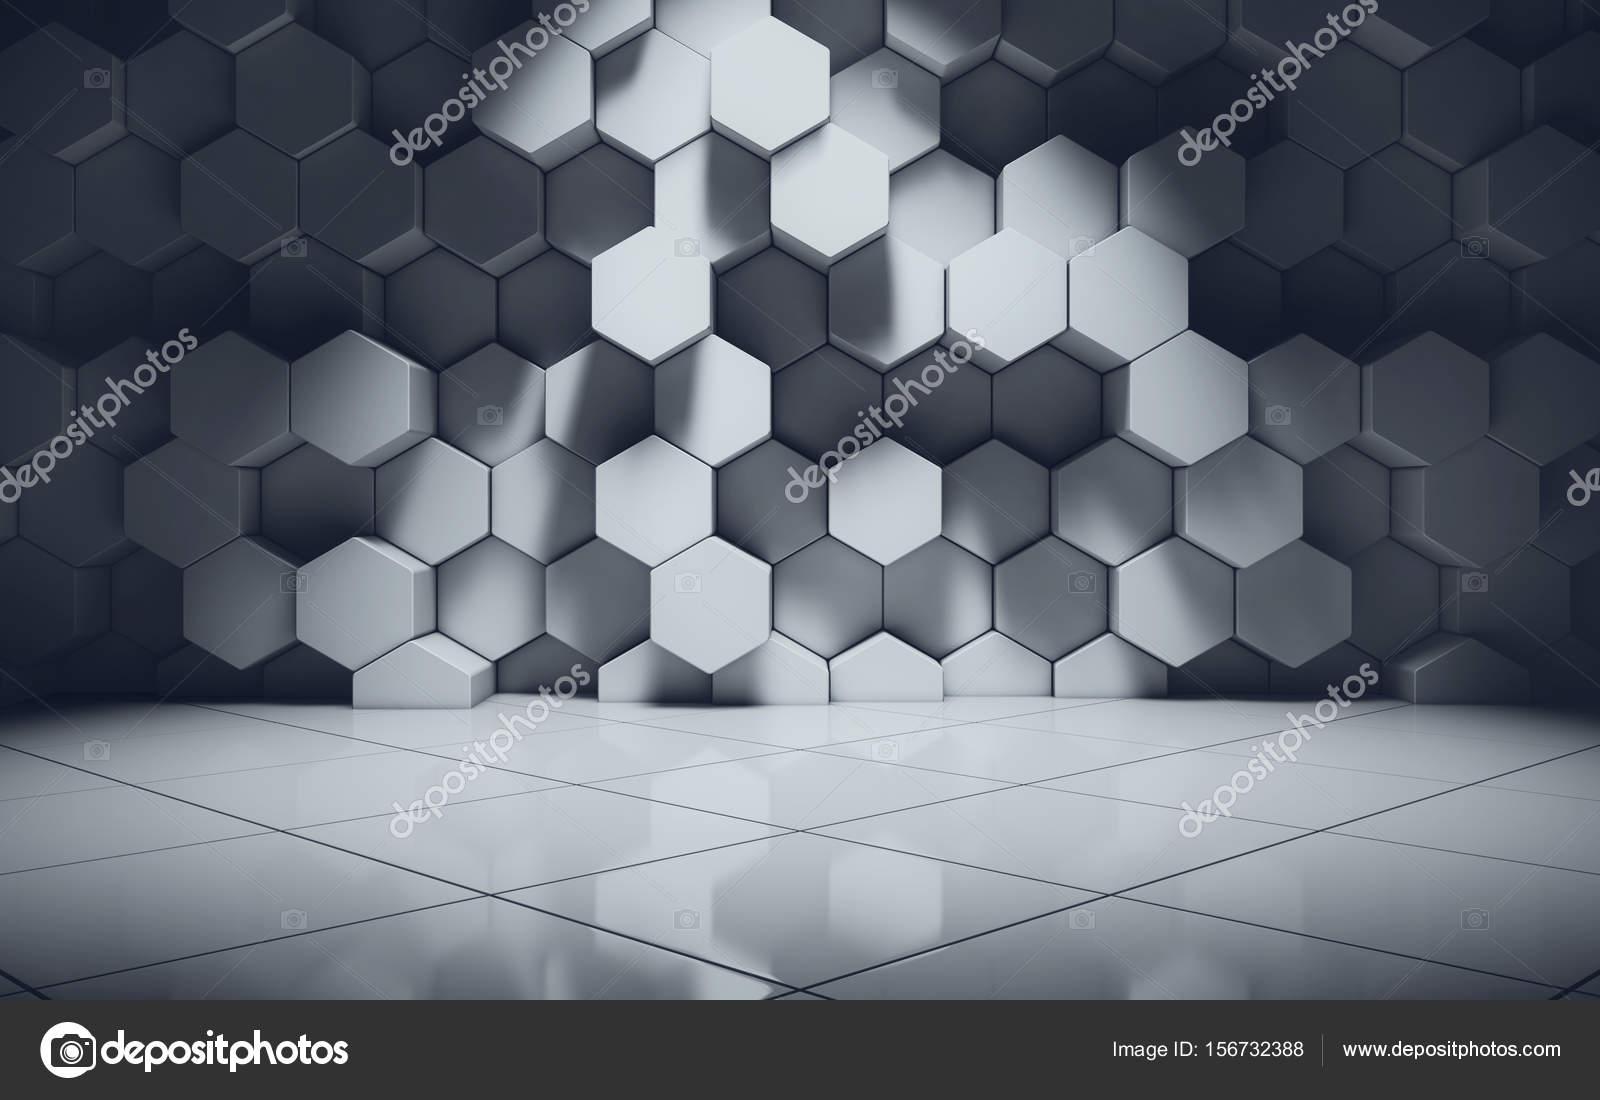 Verzauberkunst Muster Wand Beste Wahl Abstrakte Geometrische Im Zimmer — Stockfoto